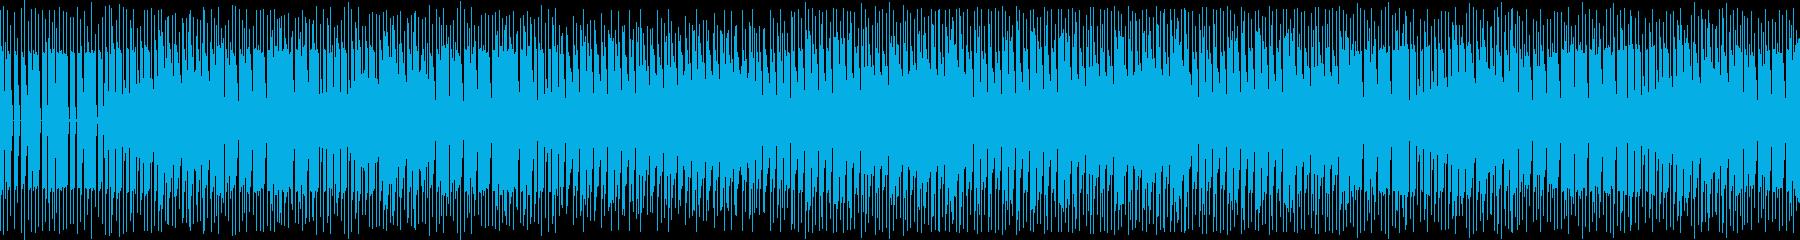 幻想的な魔法の国的なスローダウンビートの再生済みの波形